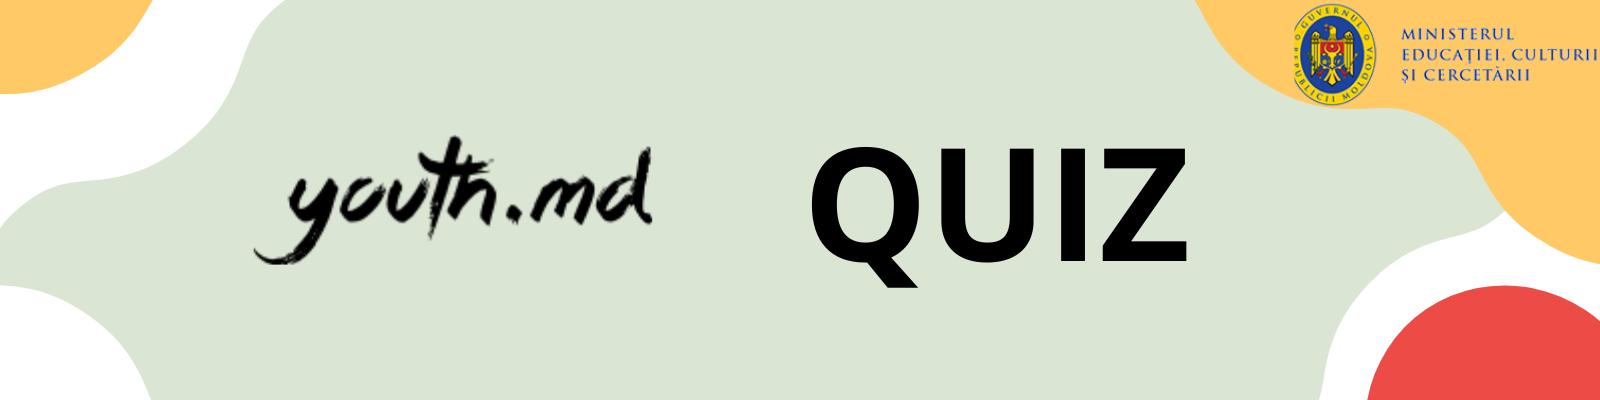 quiz youth md